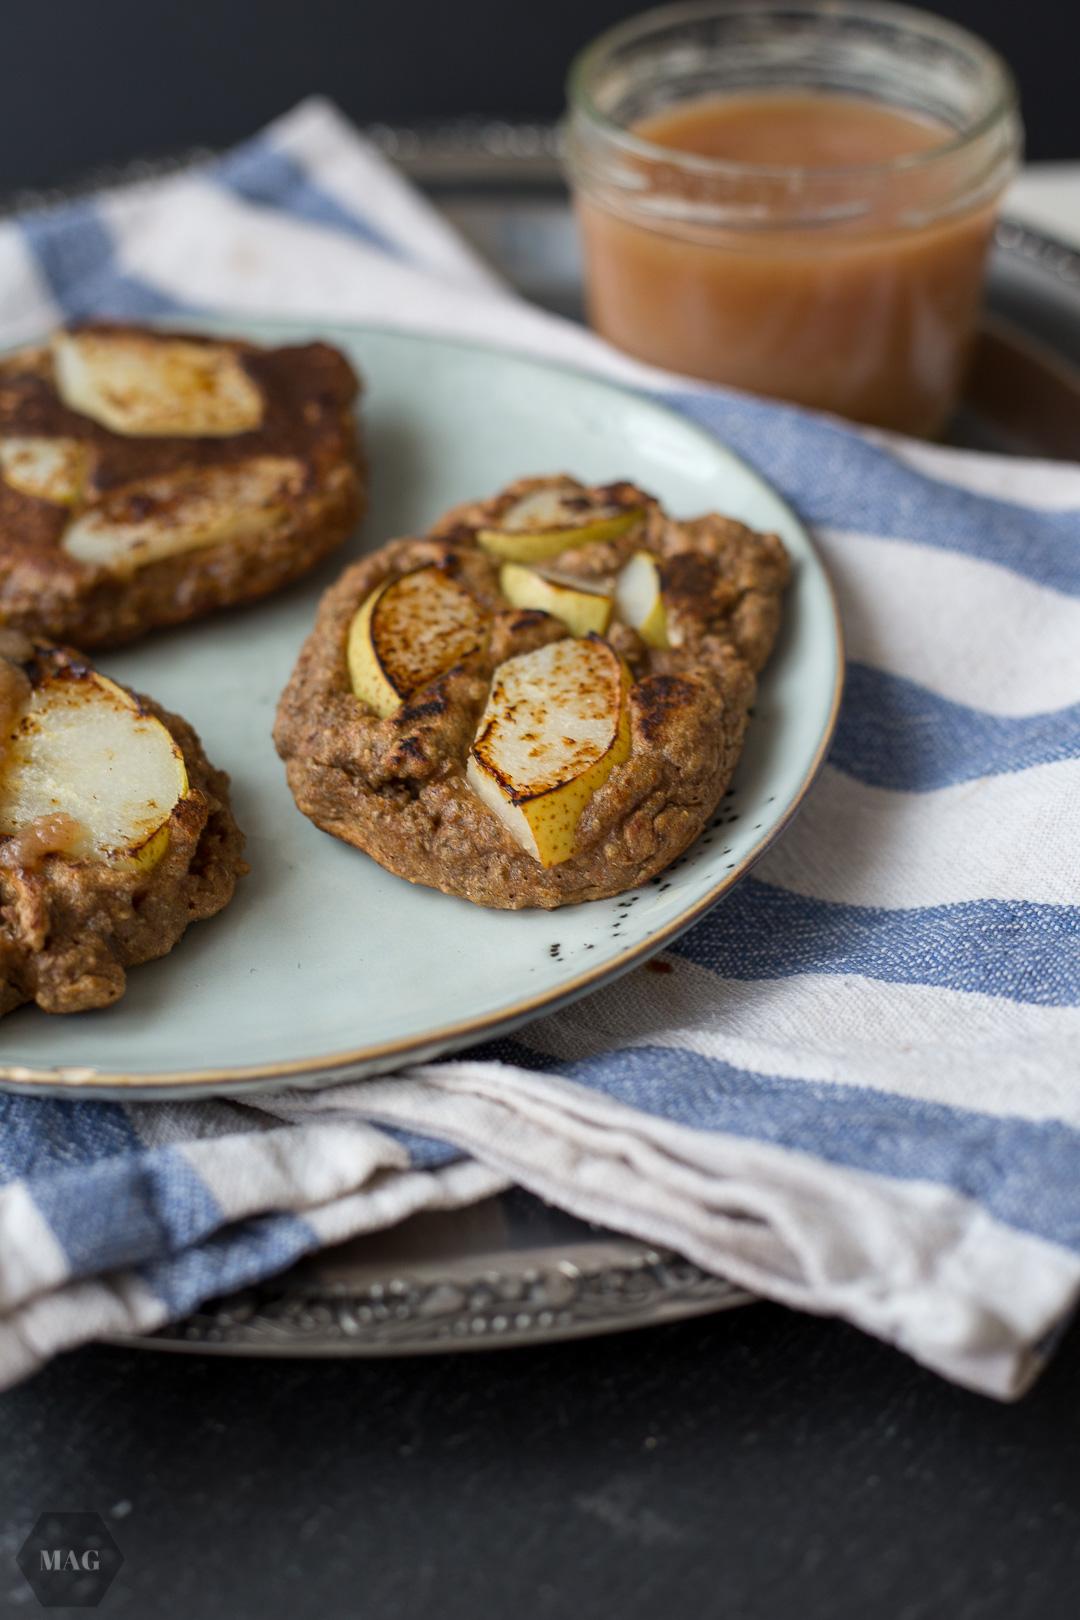 Dinkel-Birnen-Pancakes, Pancakes vegan, Pancakes mit Hafermilch, Pancakes ohne Milch, Pancakes Haferdrink, Pancakes mit Chia, Chia-Pancakes, Vegane Pancakes mit Chia, einfache vegane Pancakes